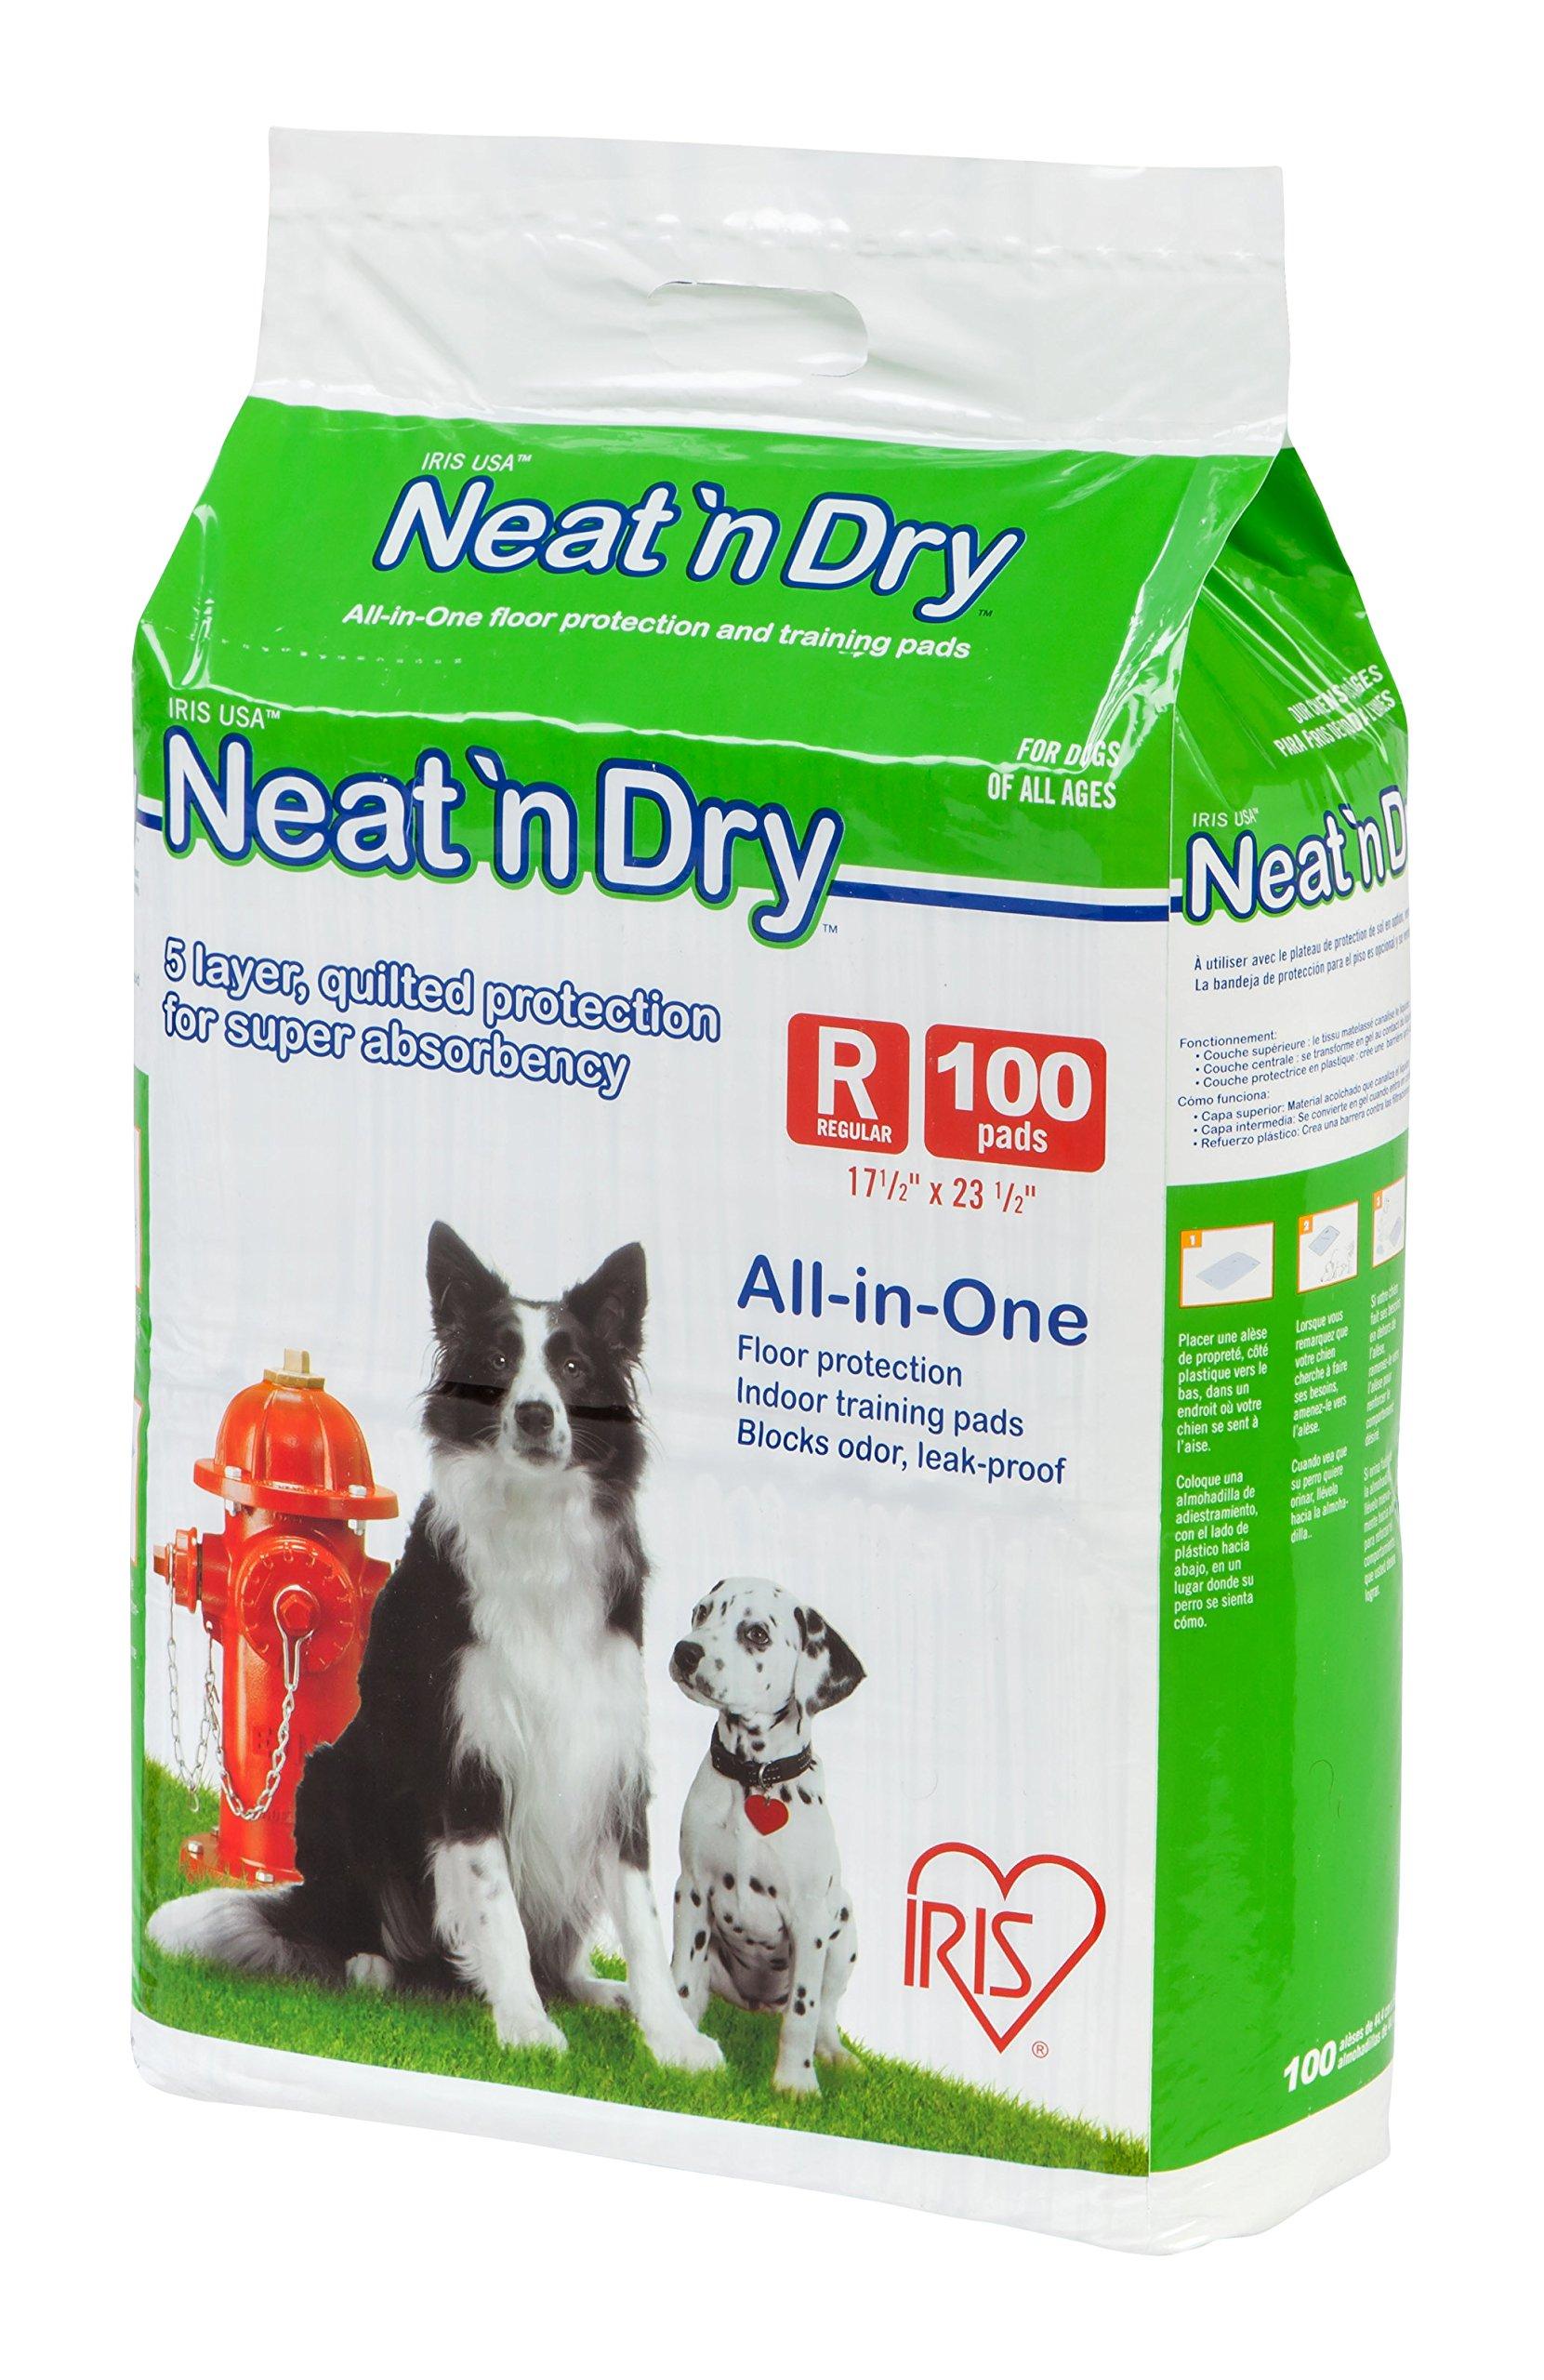 IRIS Neat 'n Dry Premium Pet Training Pads, Regular, 17.5'' x 23.5'', 100 Count by IRIS USA, Inc.